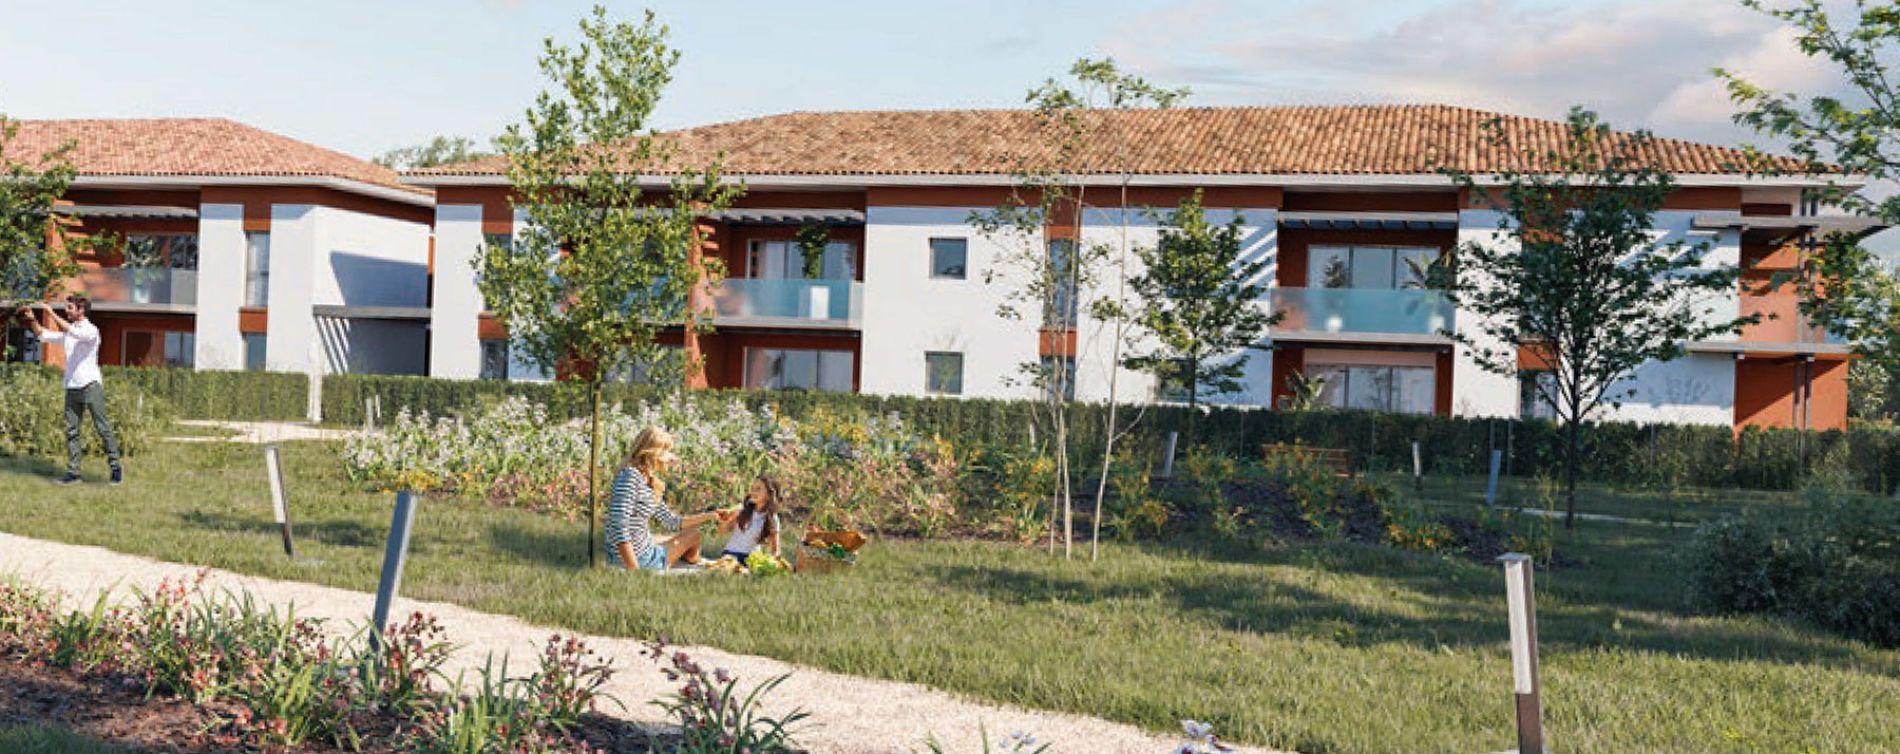 Lespinasse : programme immobilier neuve « Jardin d'Autrefois » (2)